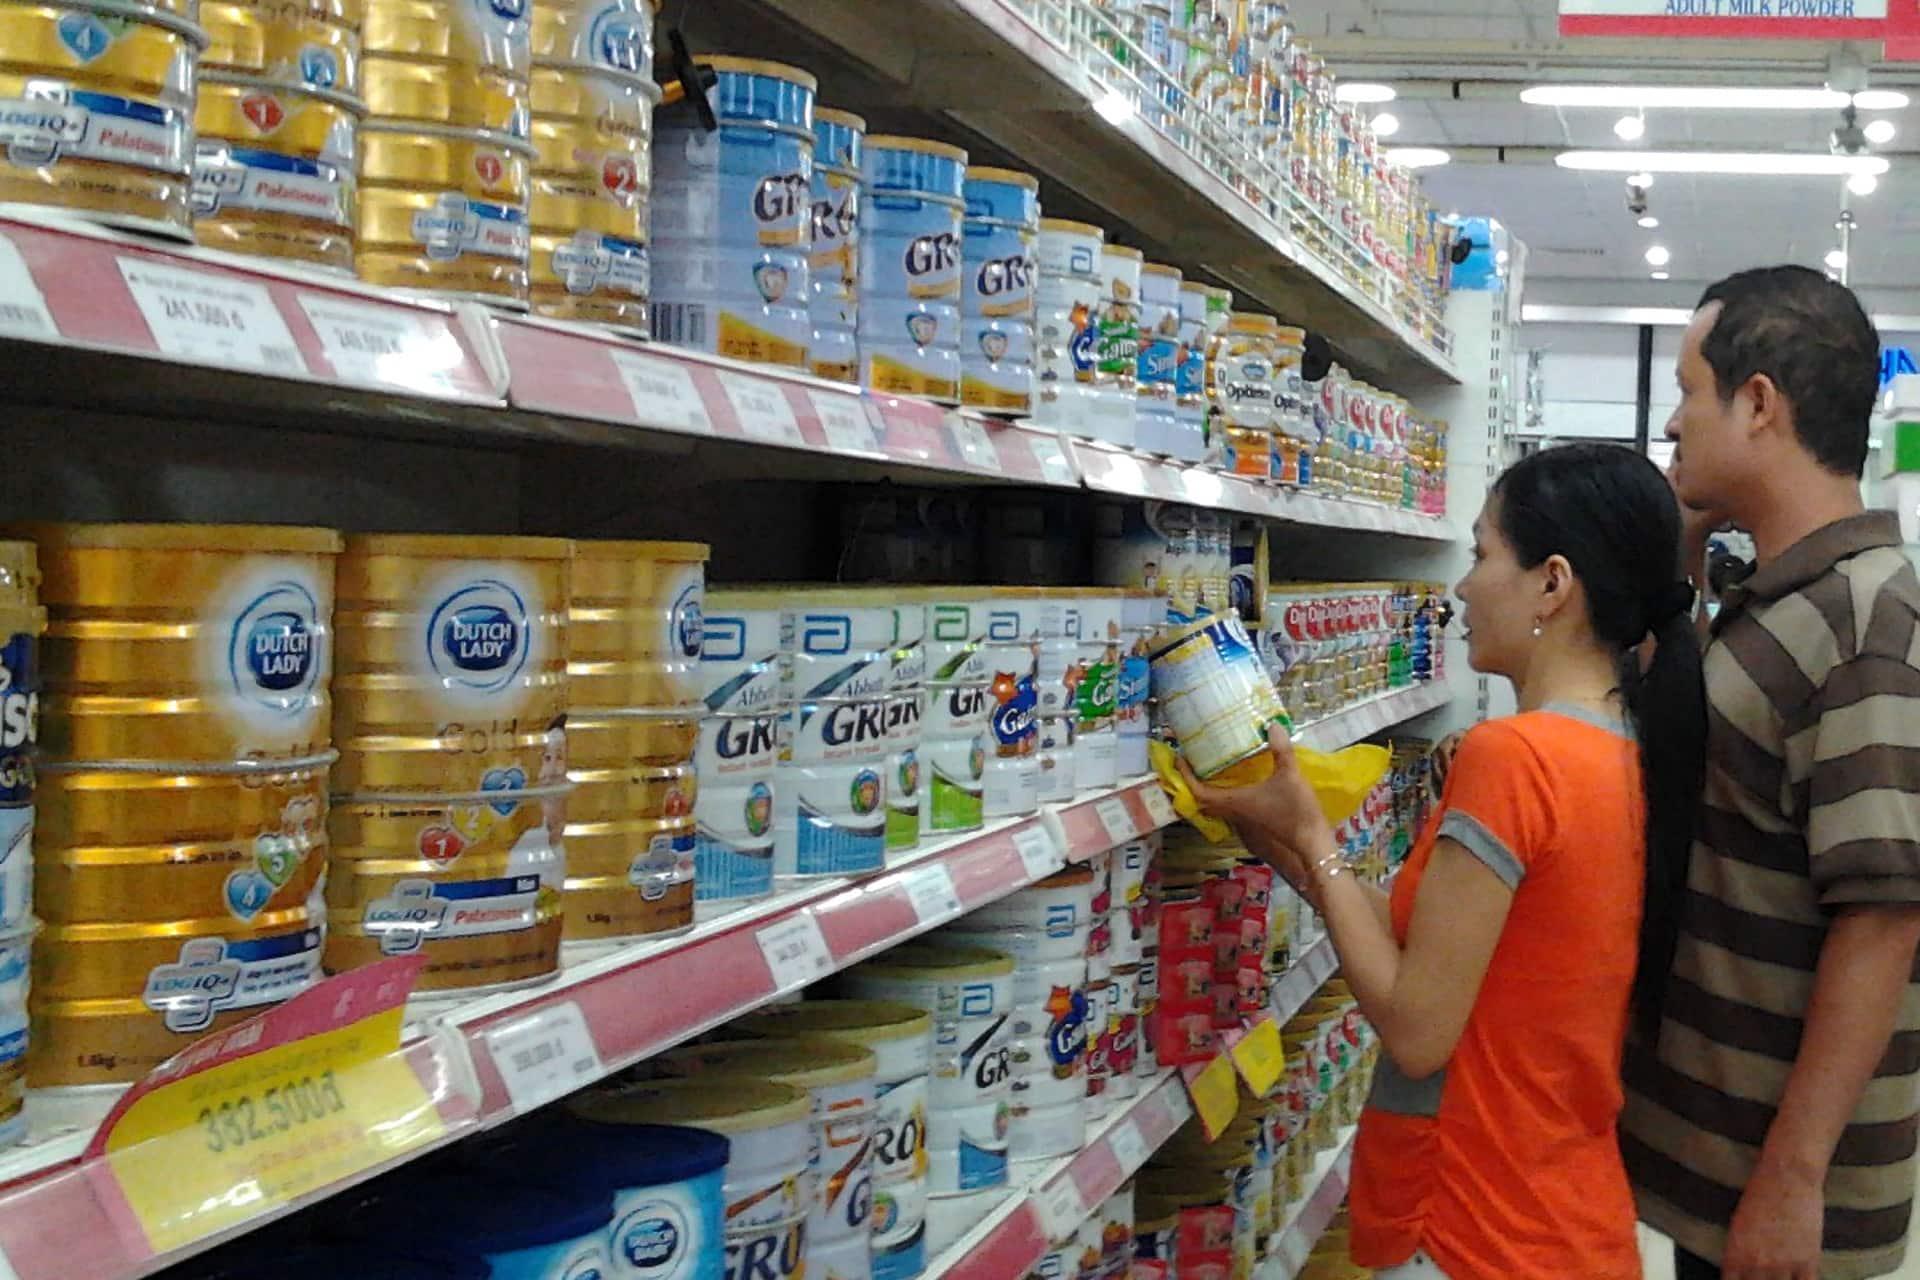 Mở đại lý sữa kinh doanh cần lưu ý những gì?